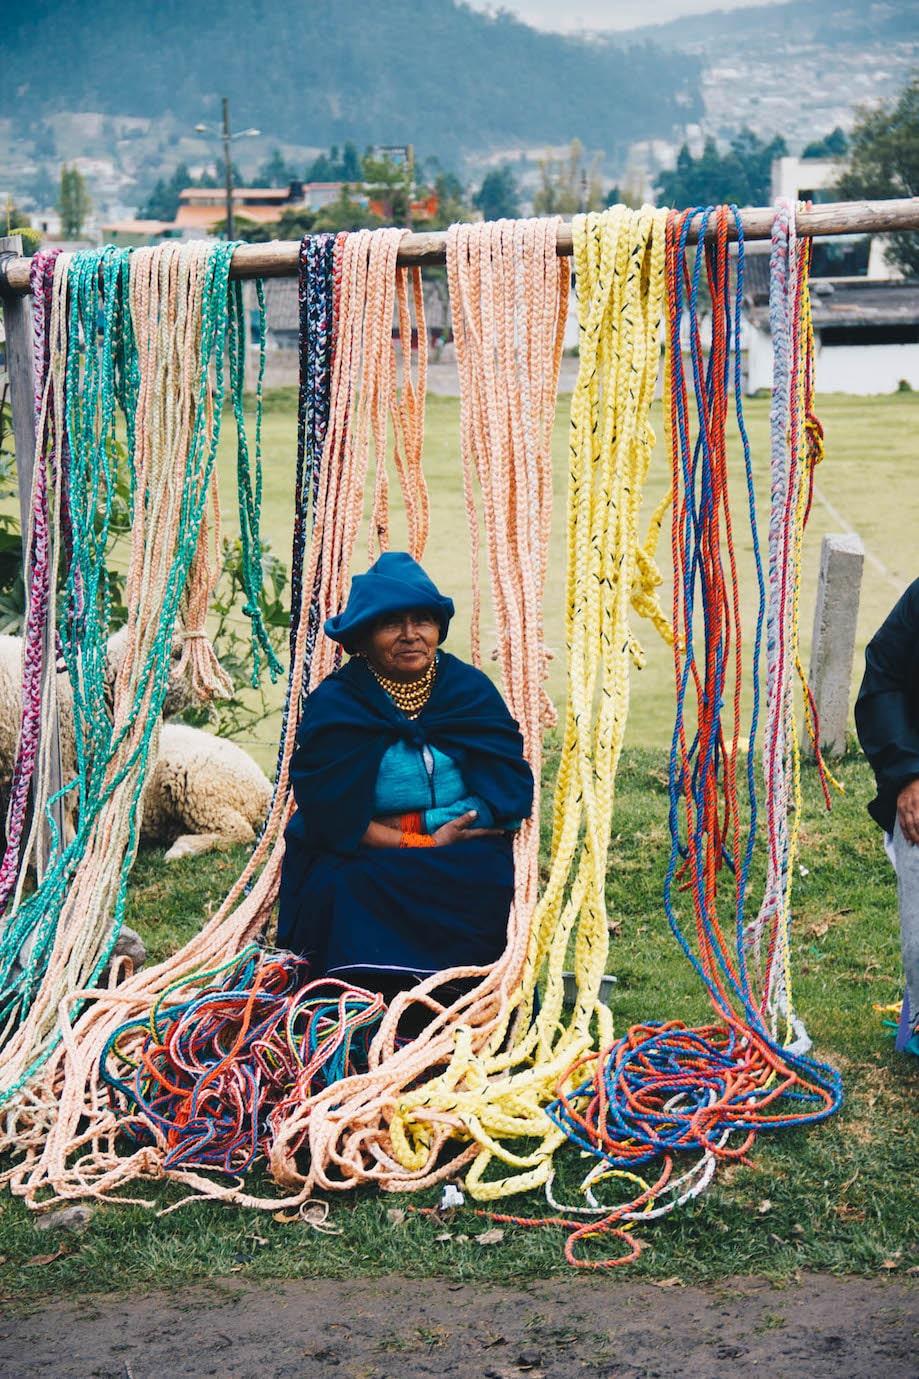 Mercado de animais de Otavalo, Equador